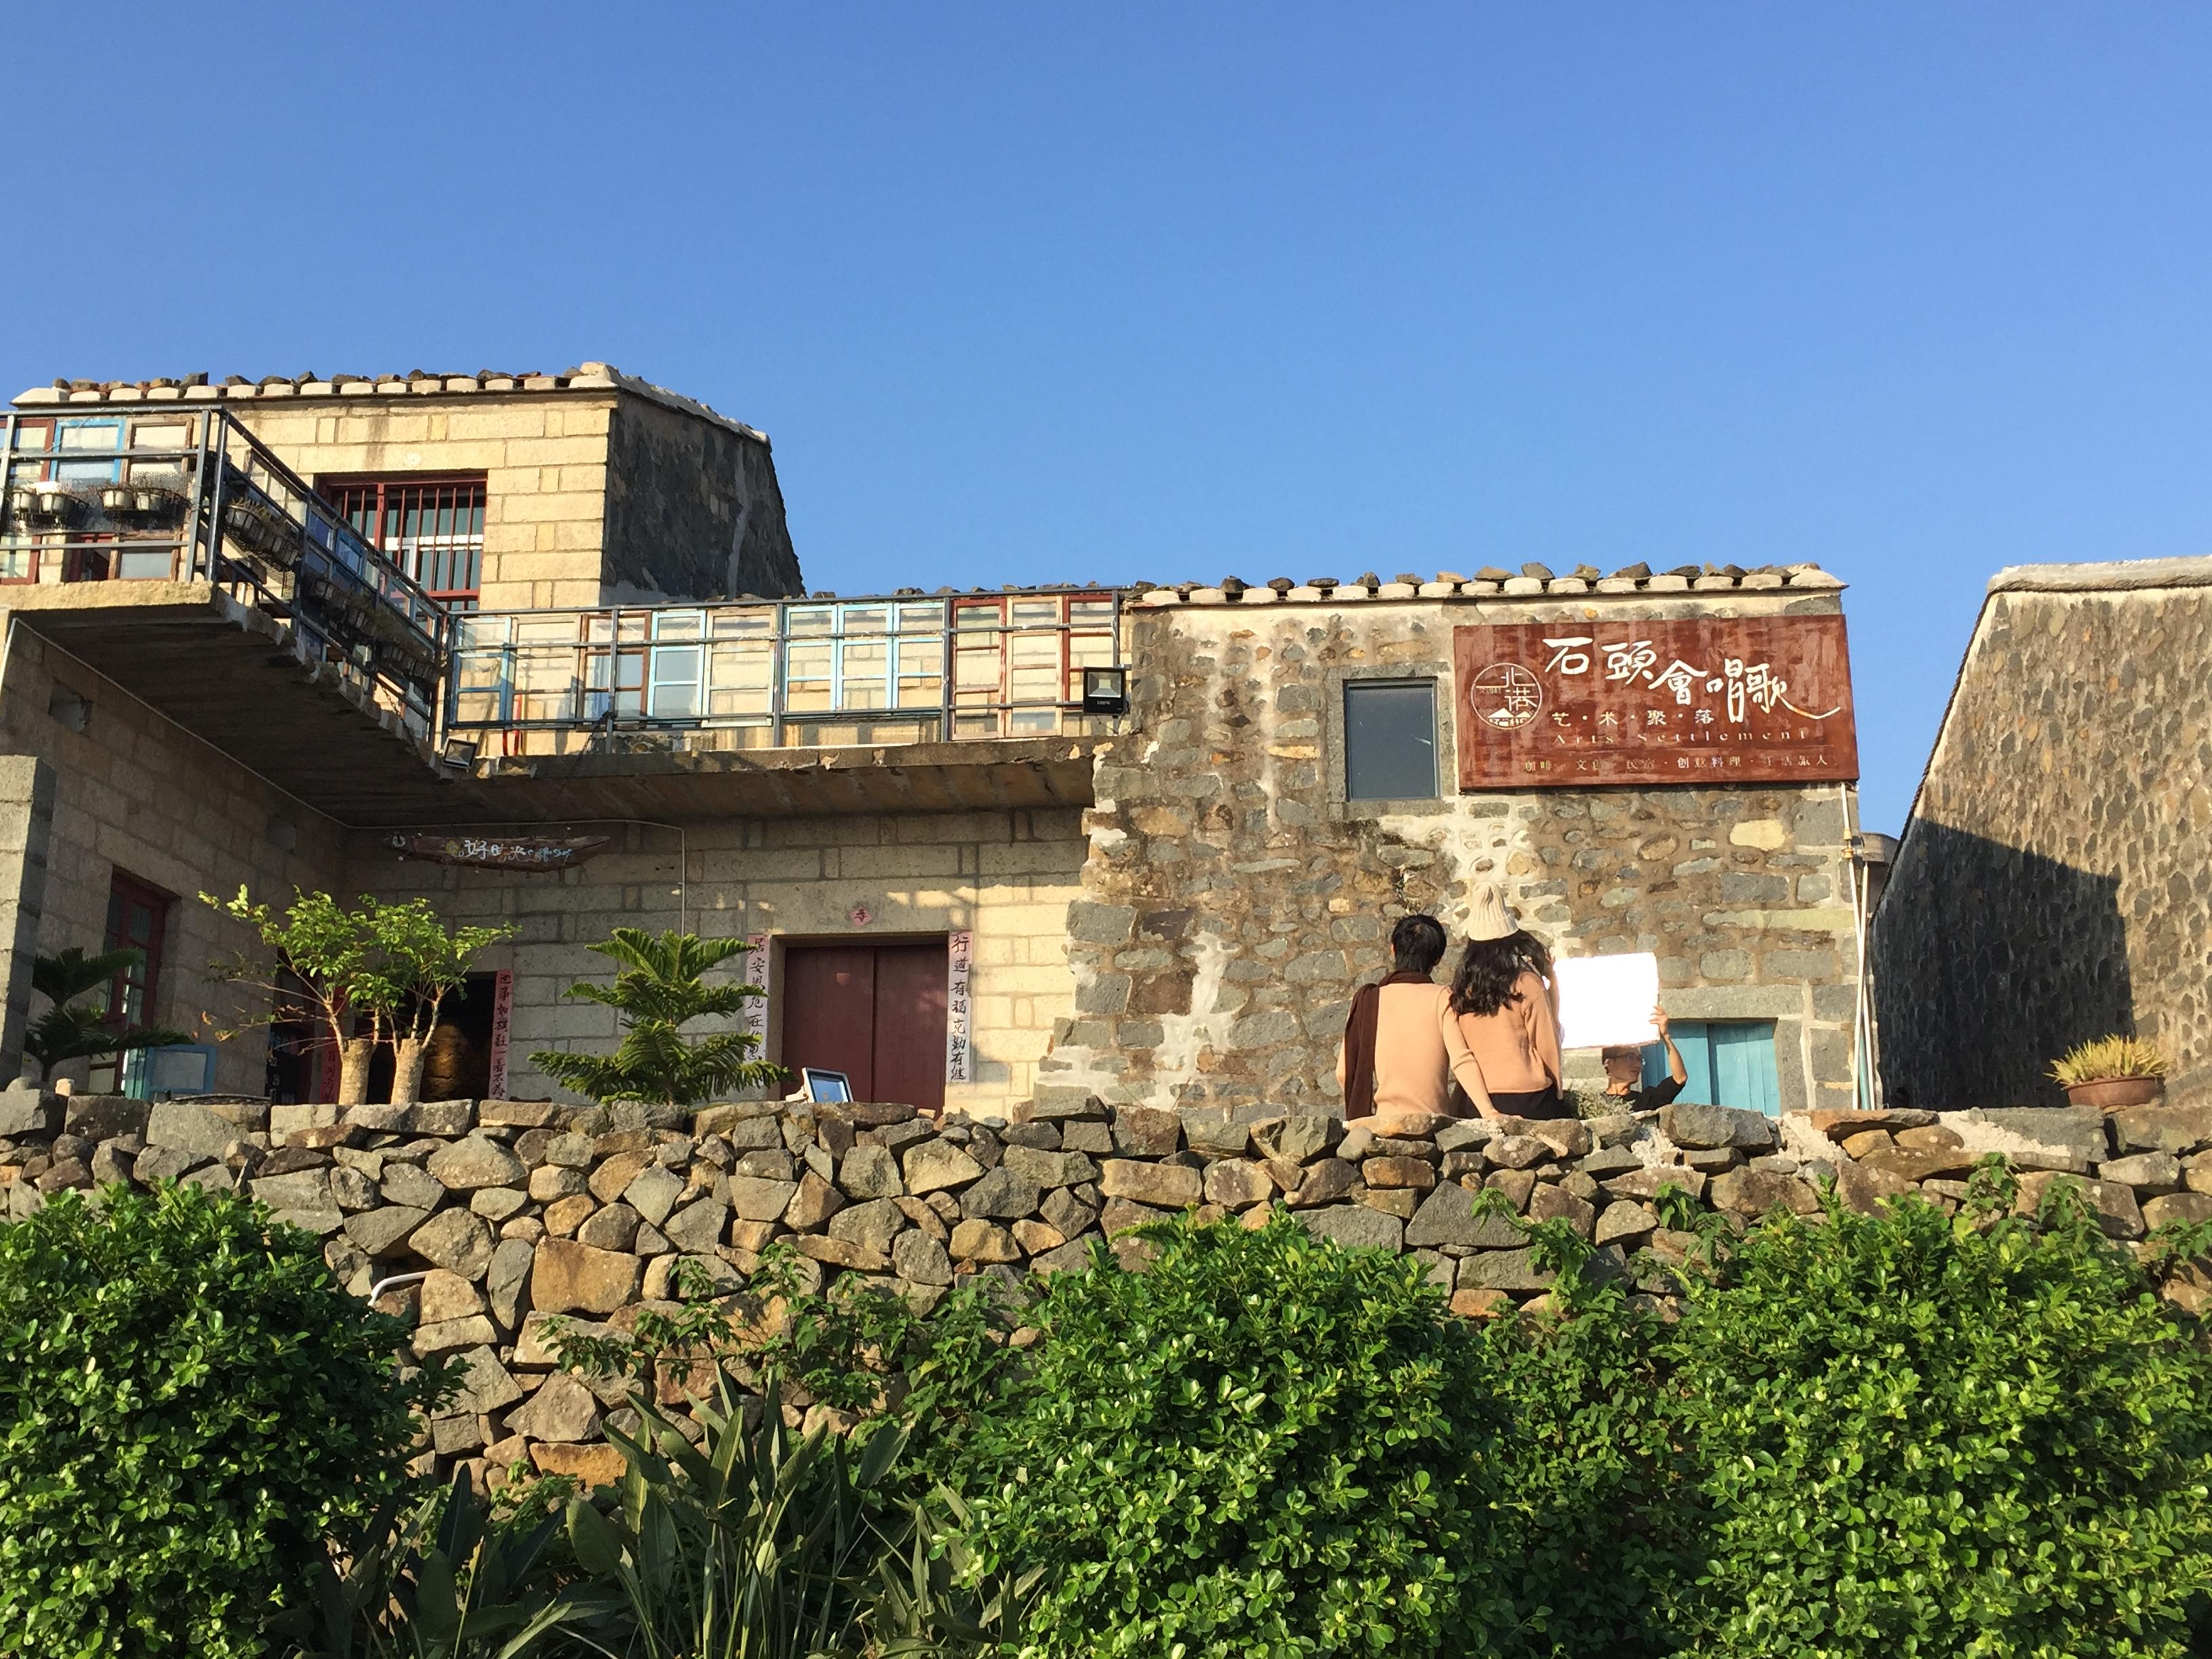 """林智远和许琳宜创立的""""石头会唱歌""""艺术聚落,为古老的村落带来了新的活力。(新华社记者尚昊摄)"""